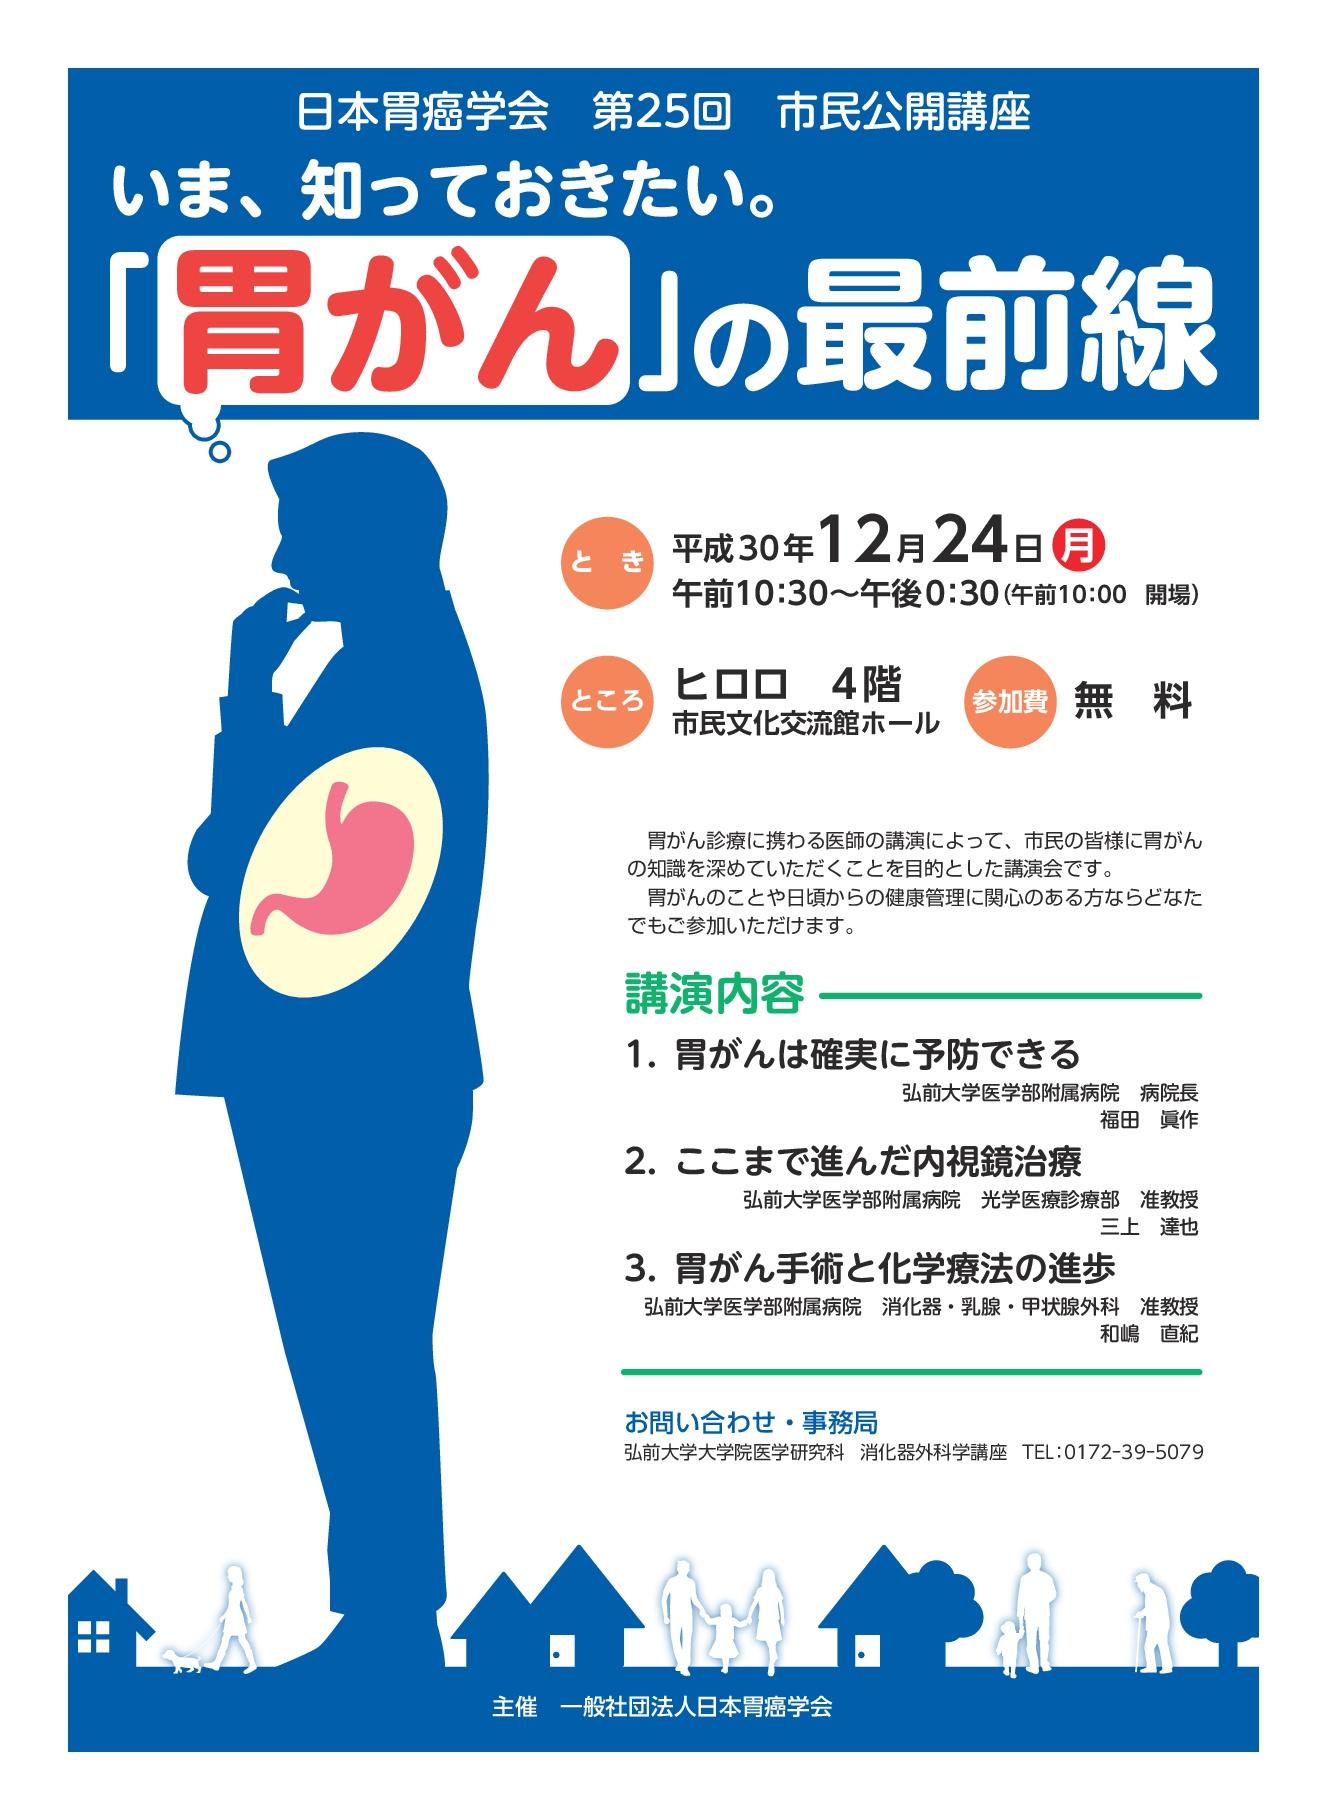 胃がん公開講座チラシ-001.jpg